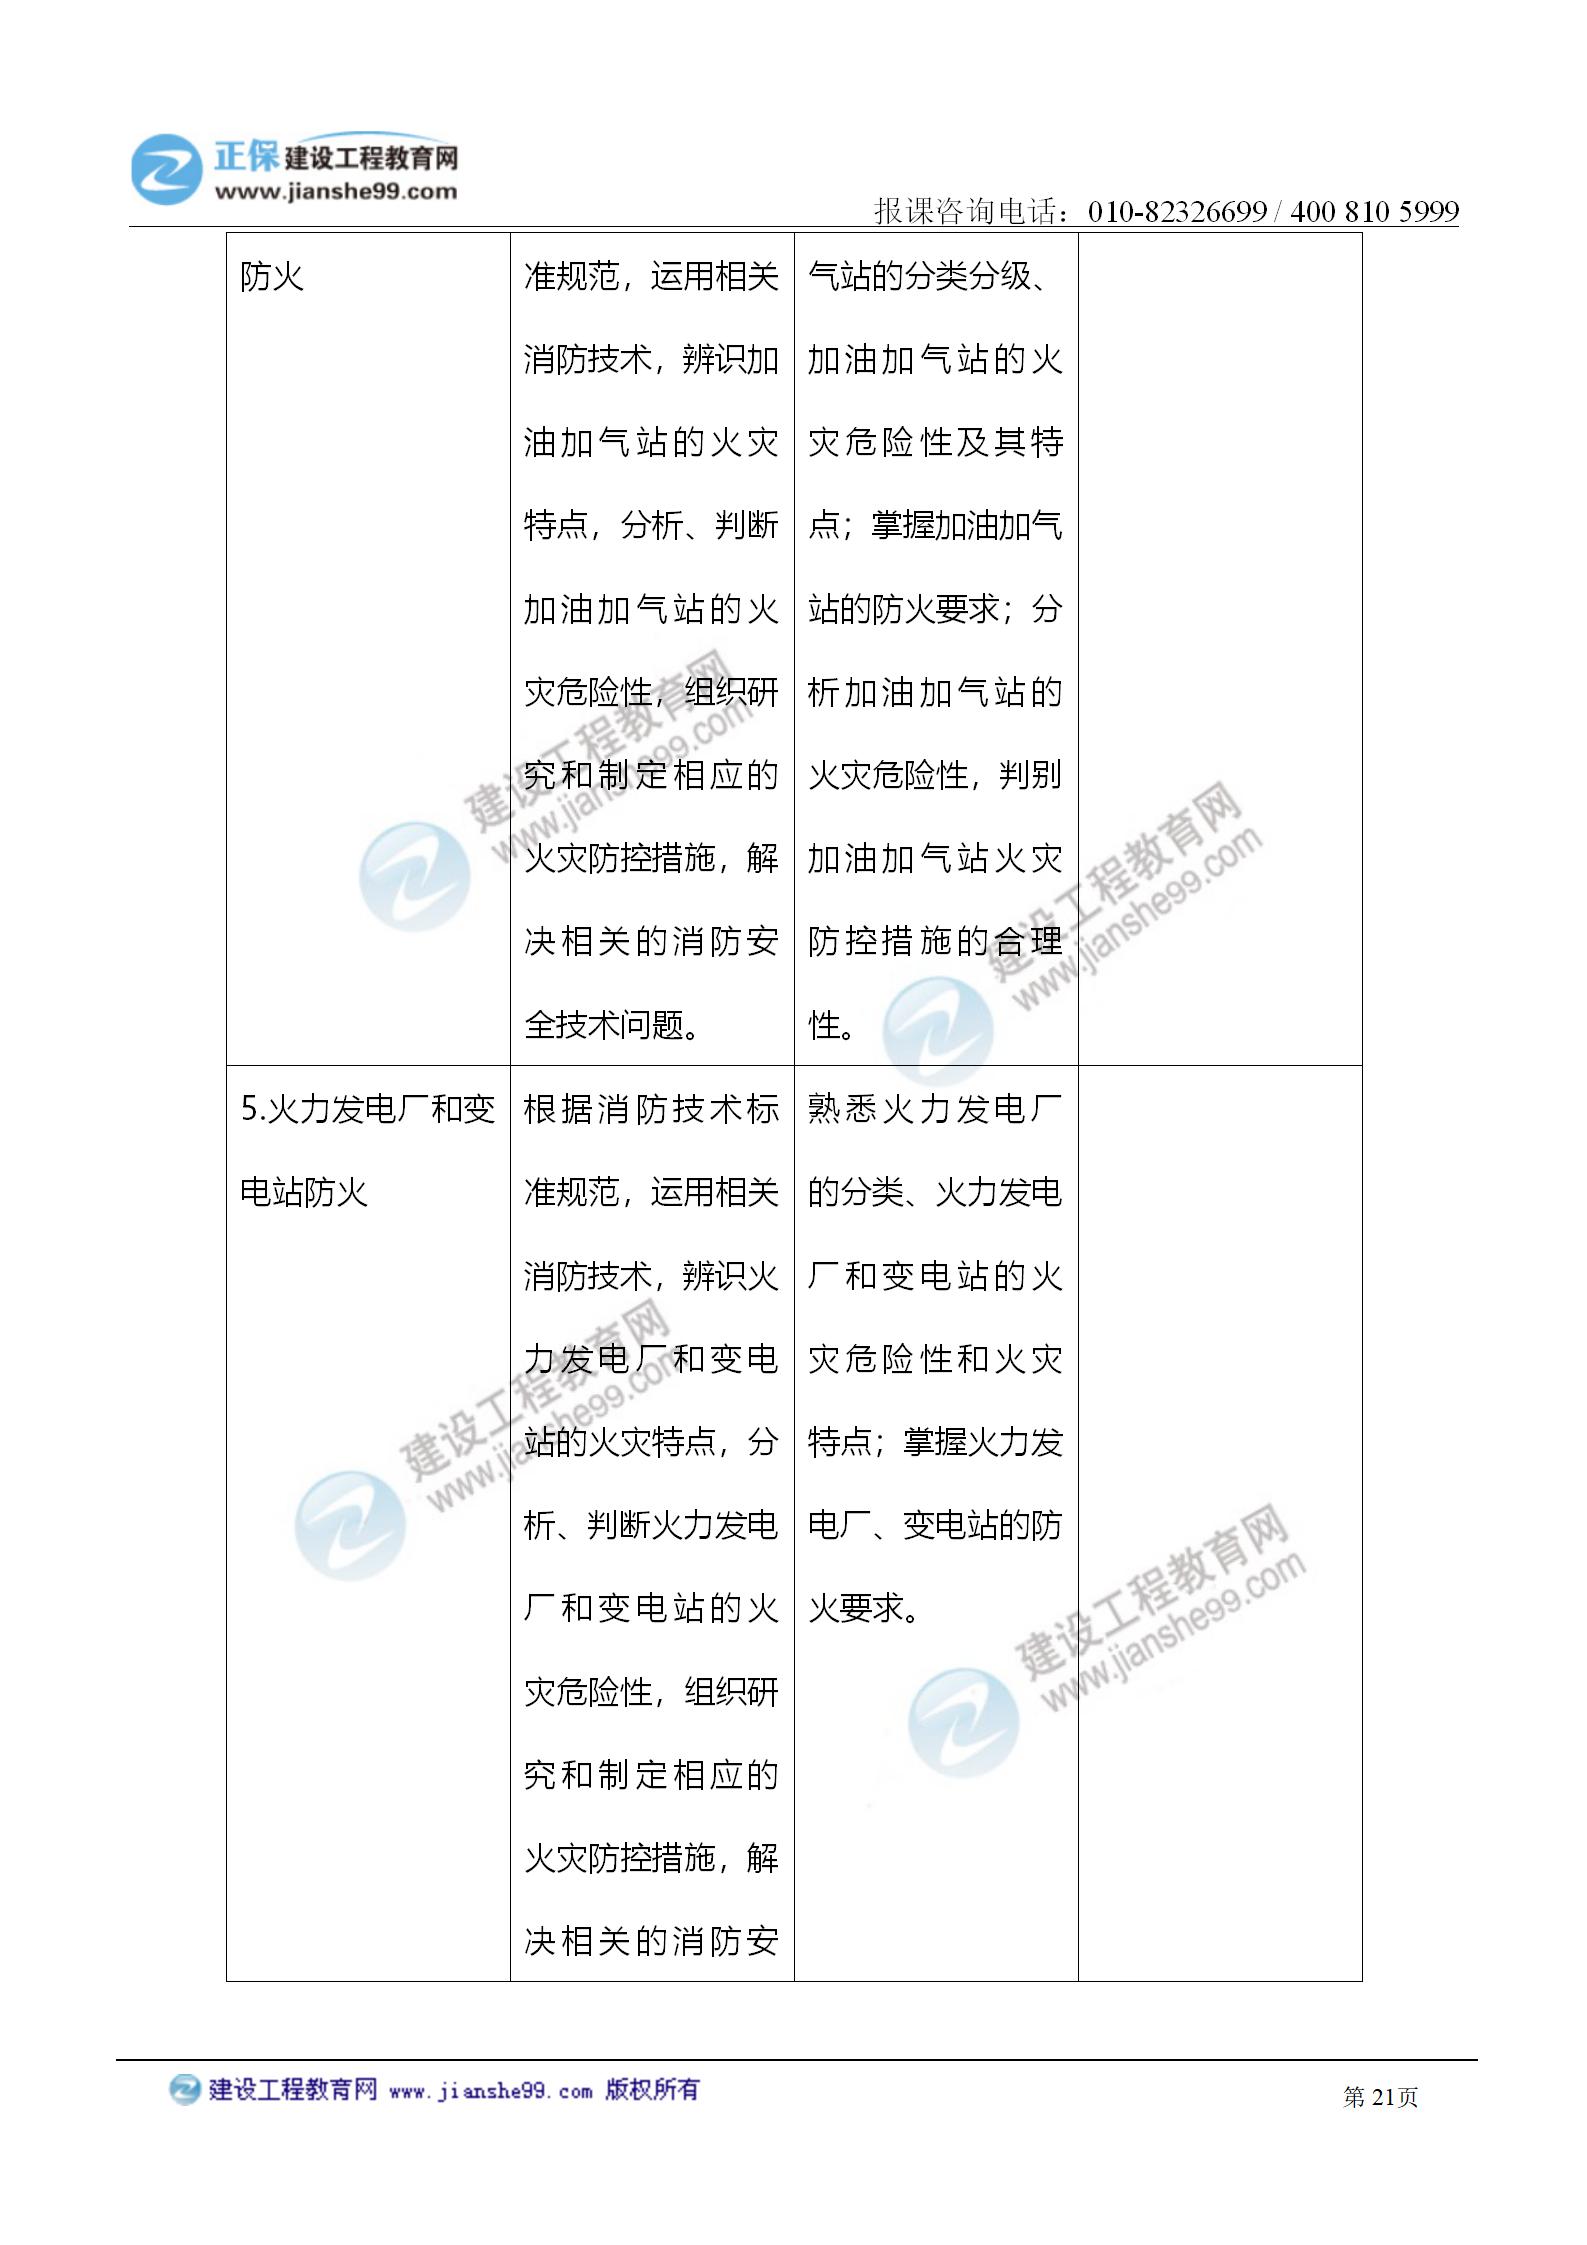 2021注册消防工程师《技术实务》考试大纲变化情况_21